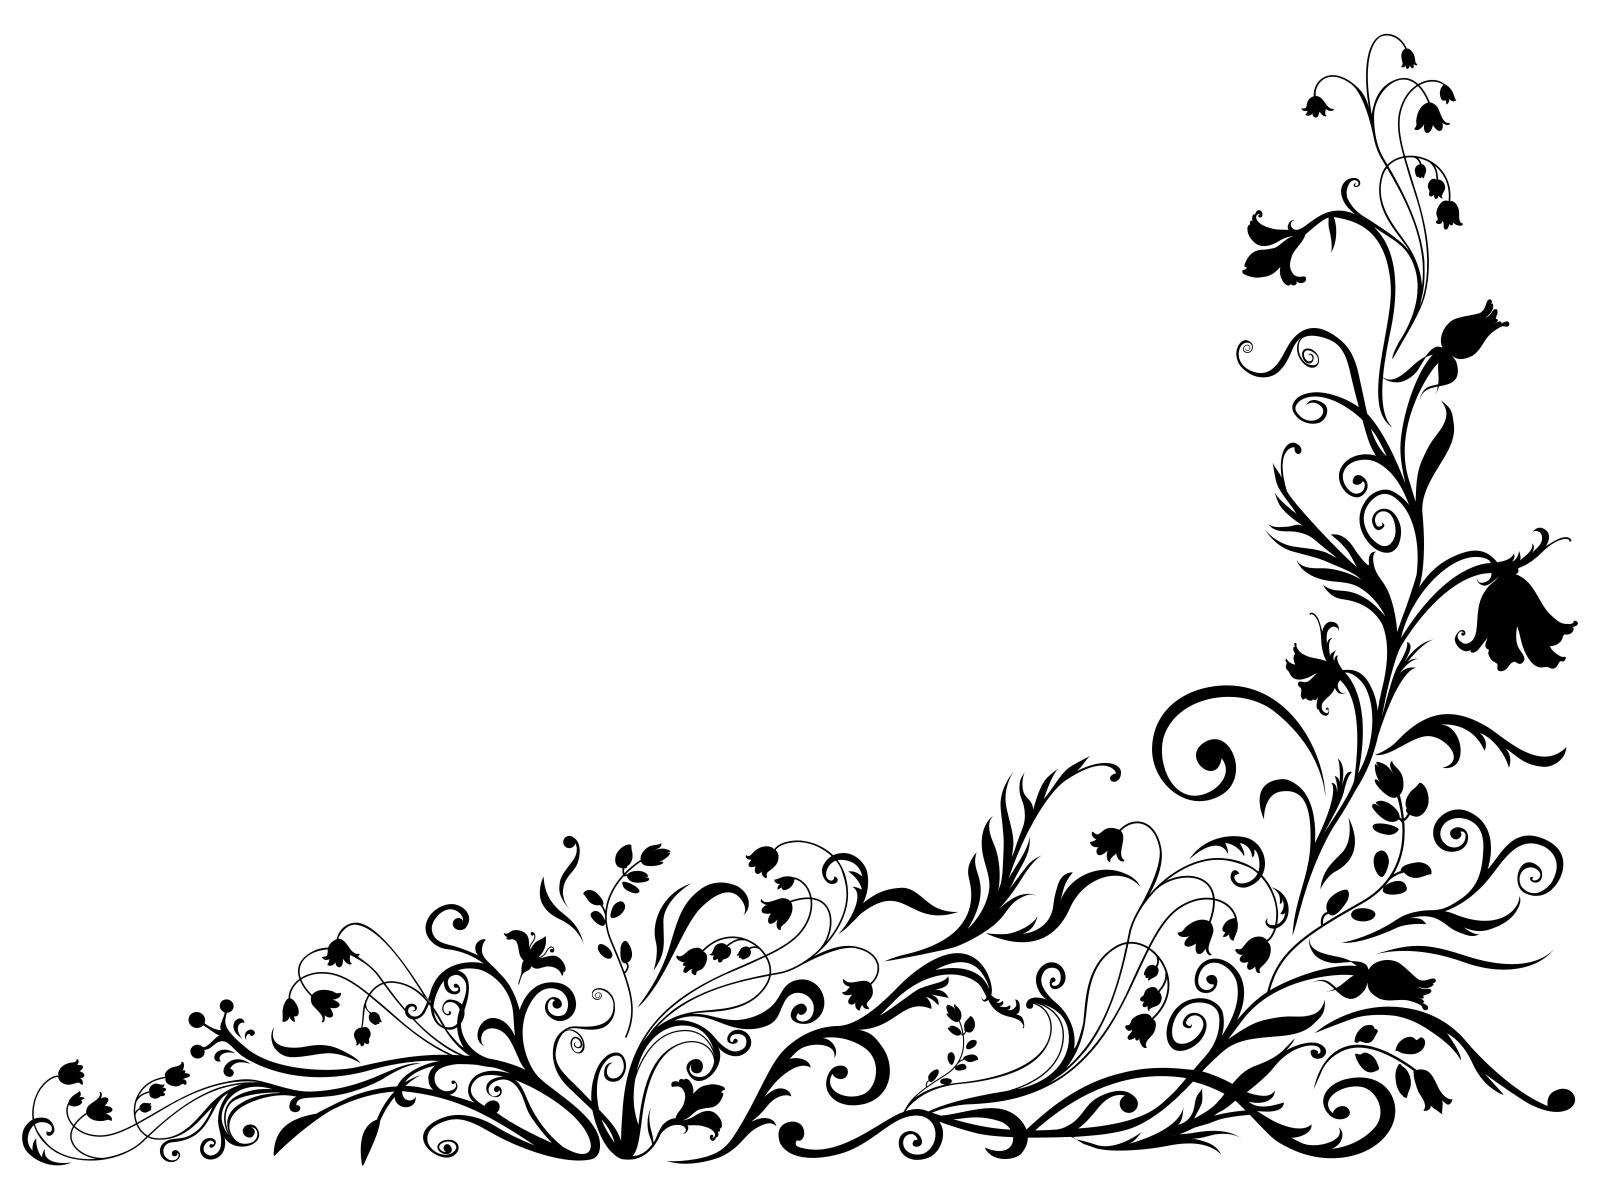 Black Floral Designs Patterns